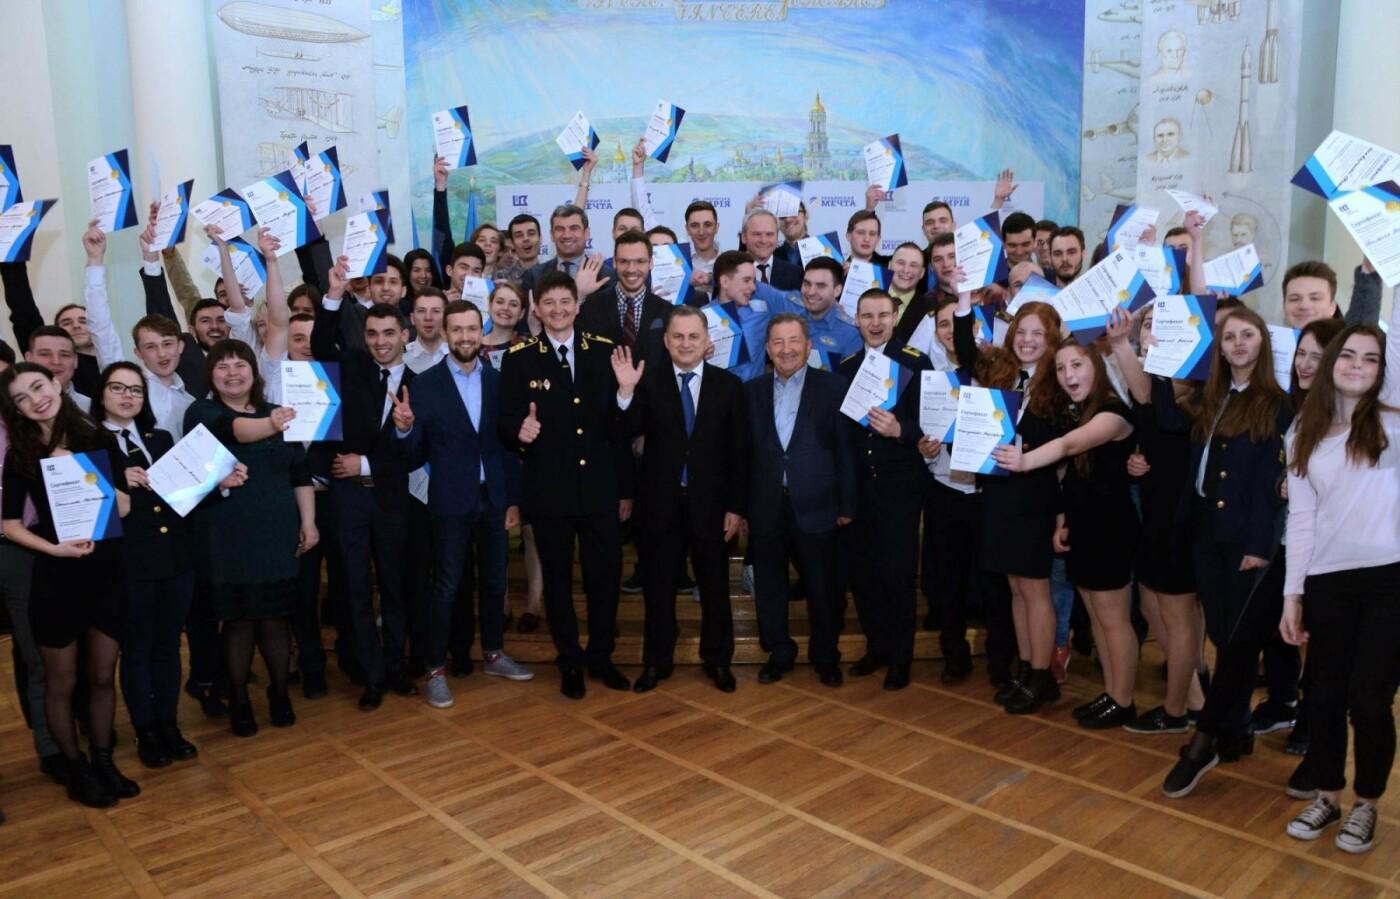 Борис Колесников наградил сотню студентов-авиаторов поездкой на авиафорум Фарнборо в Великобританию  , фото-3